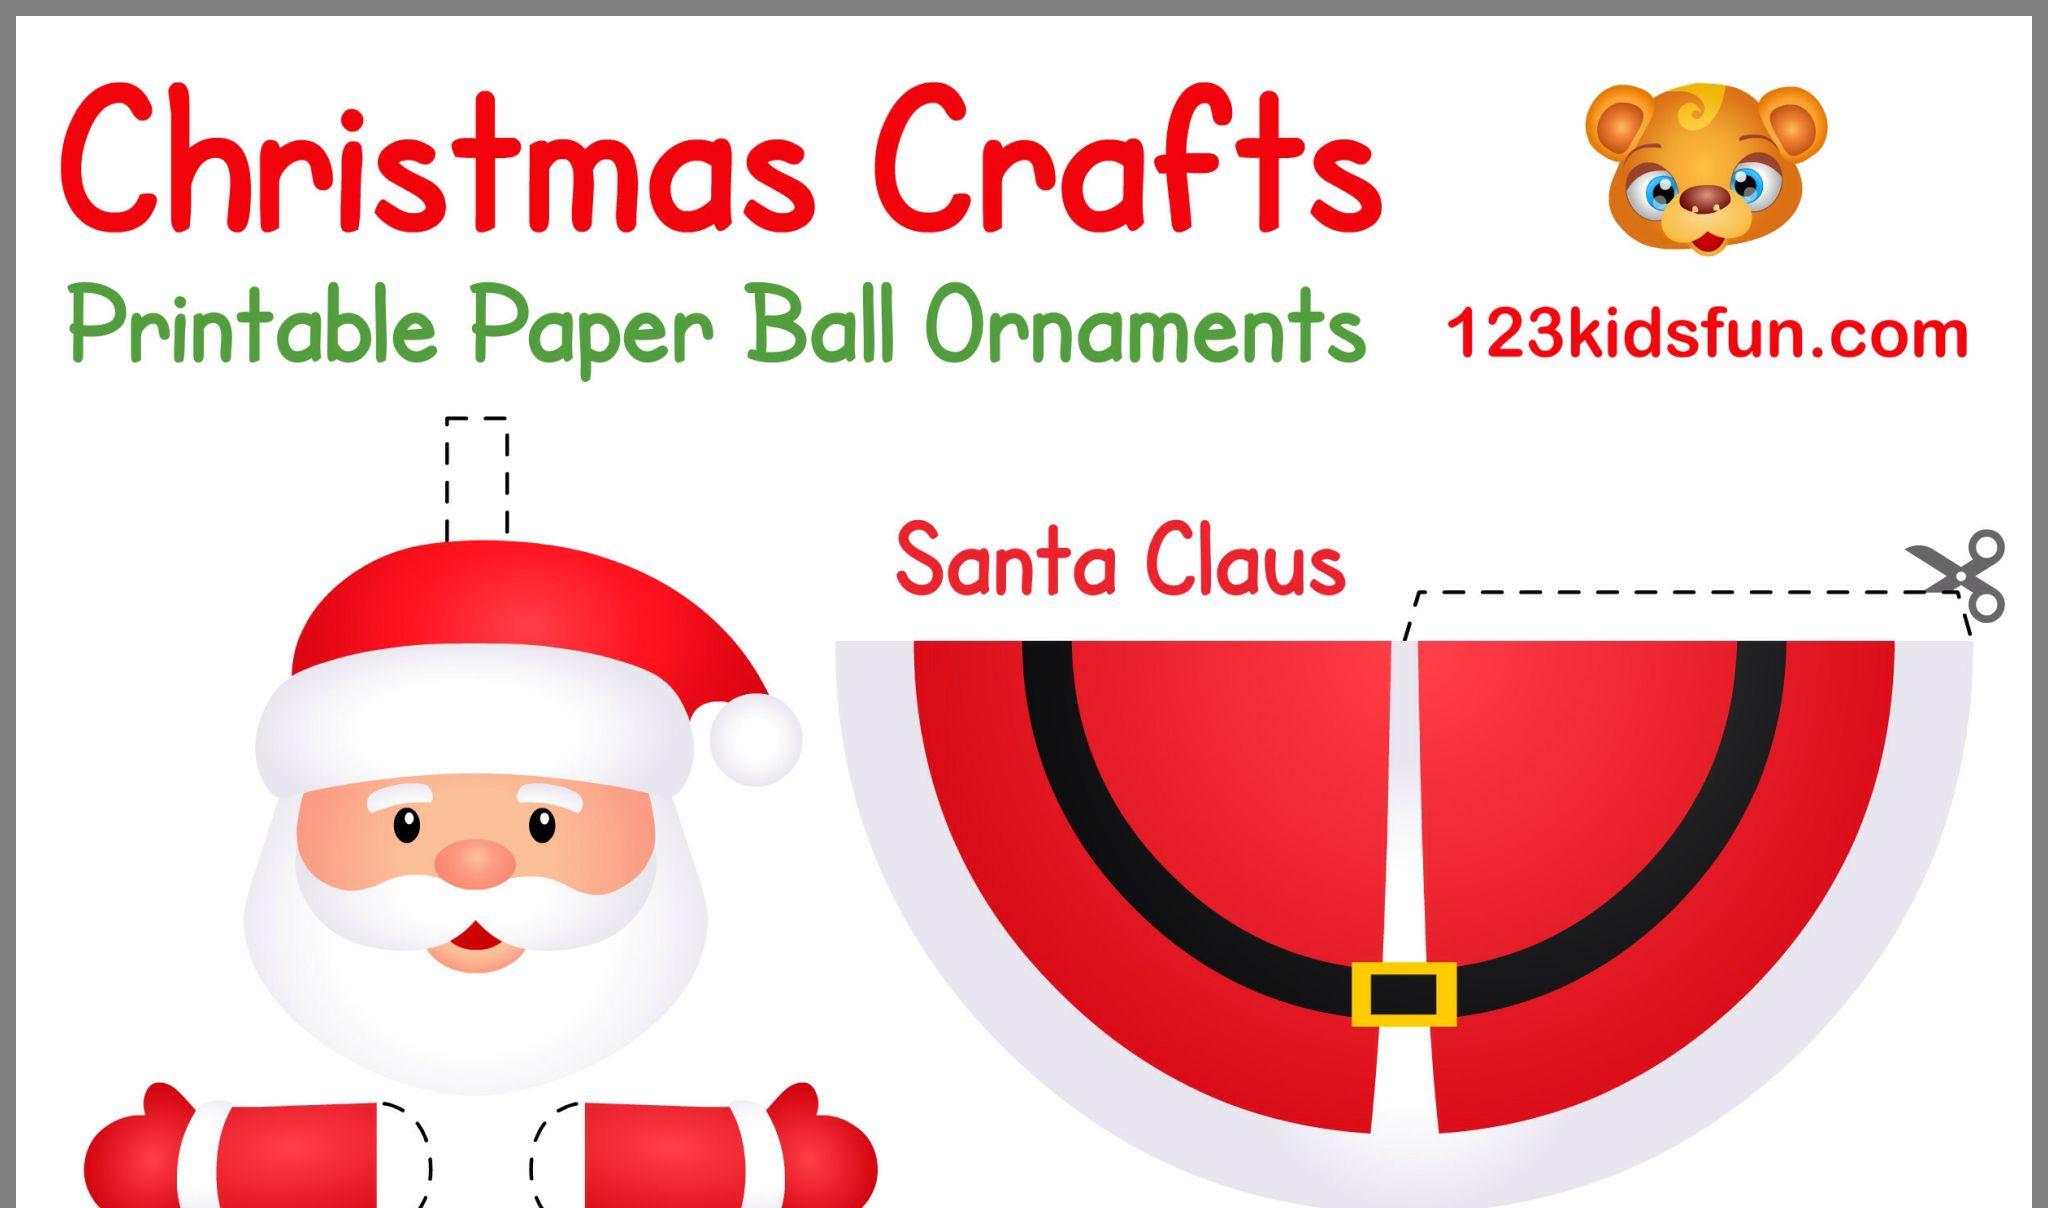 Pindrejci Ka On Božič   Christmas Crafts, Printable